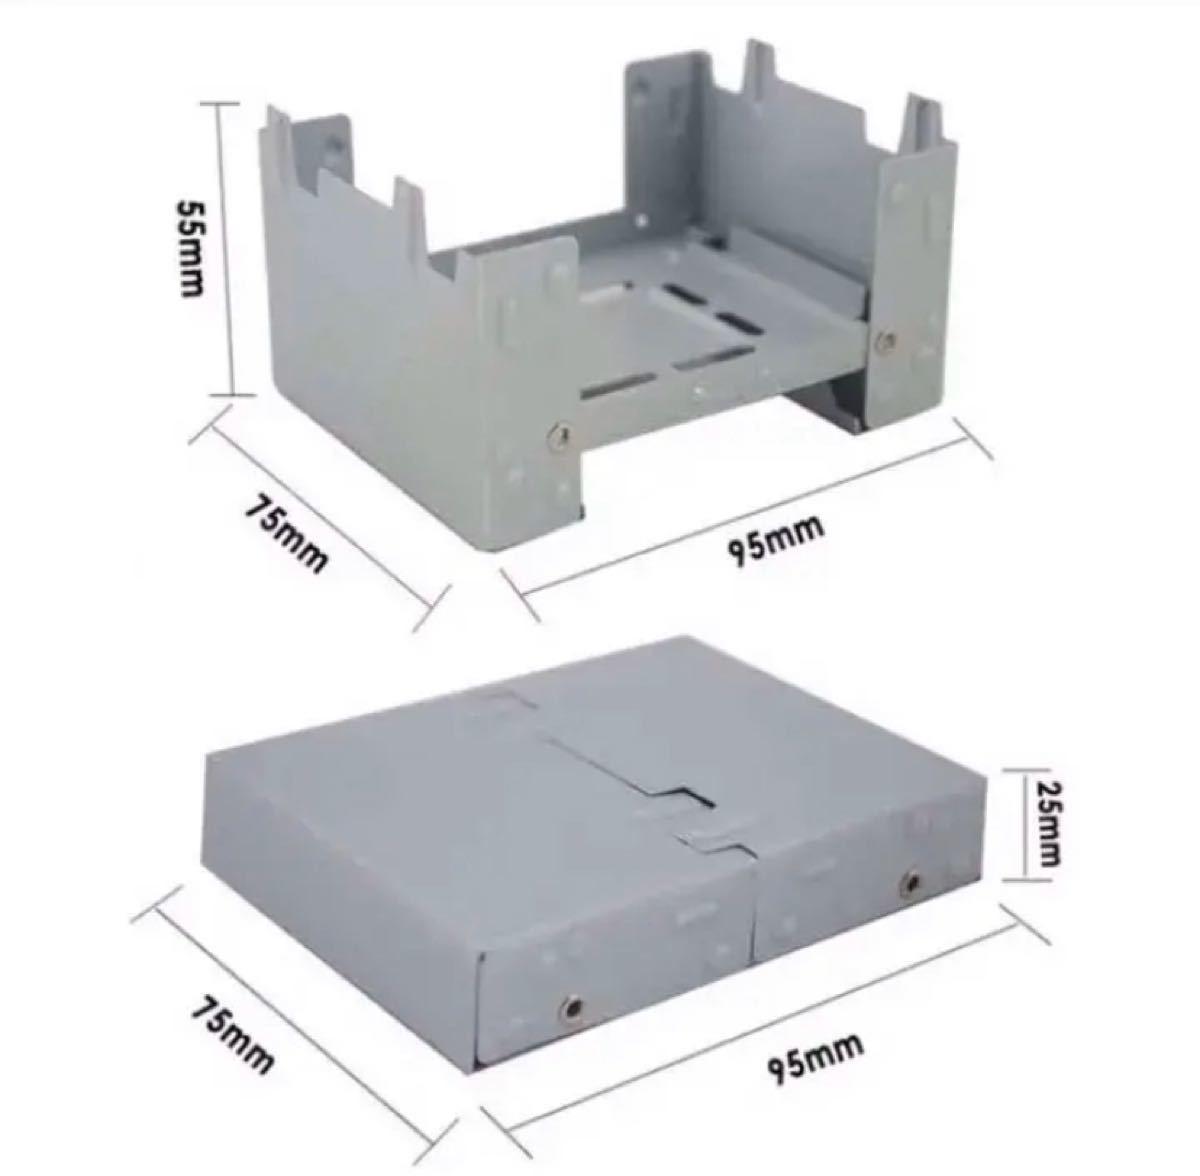 ポケットコンロ ミニコンロ ポケットサイズ コンパクトキャンプ アウトドア